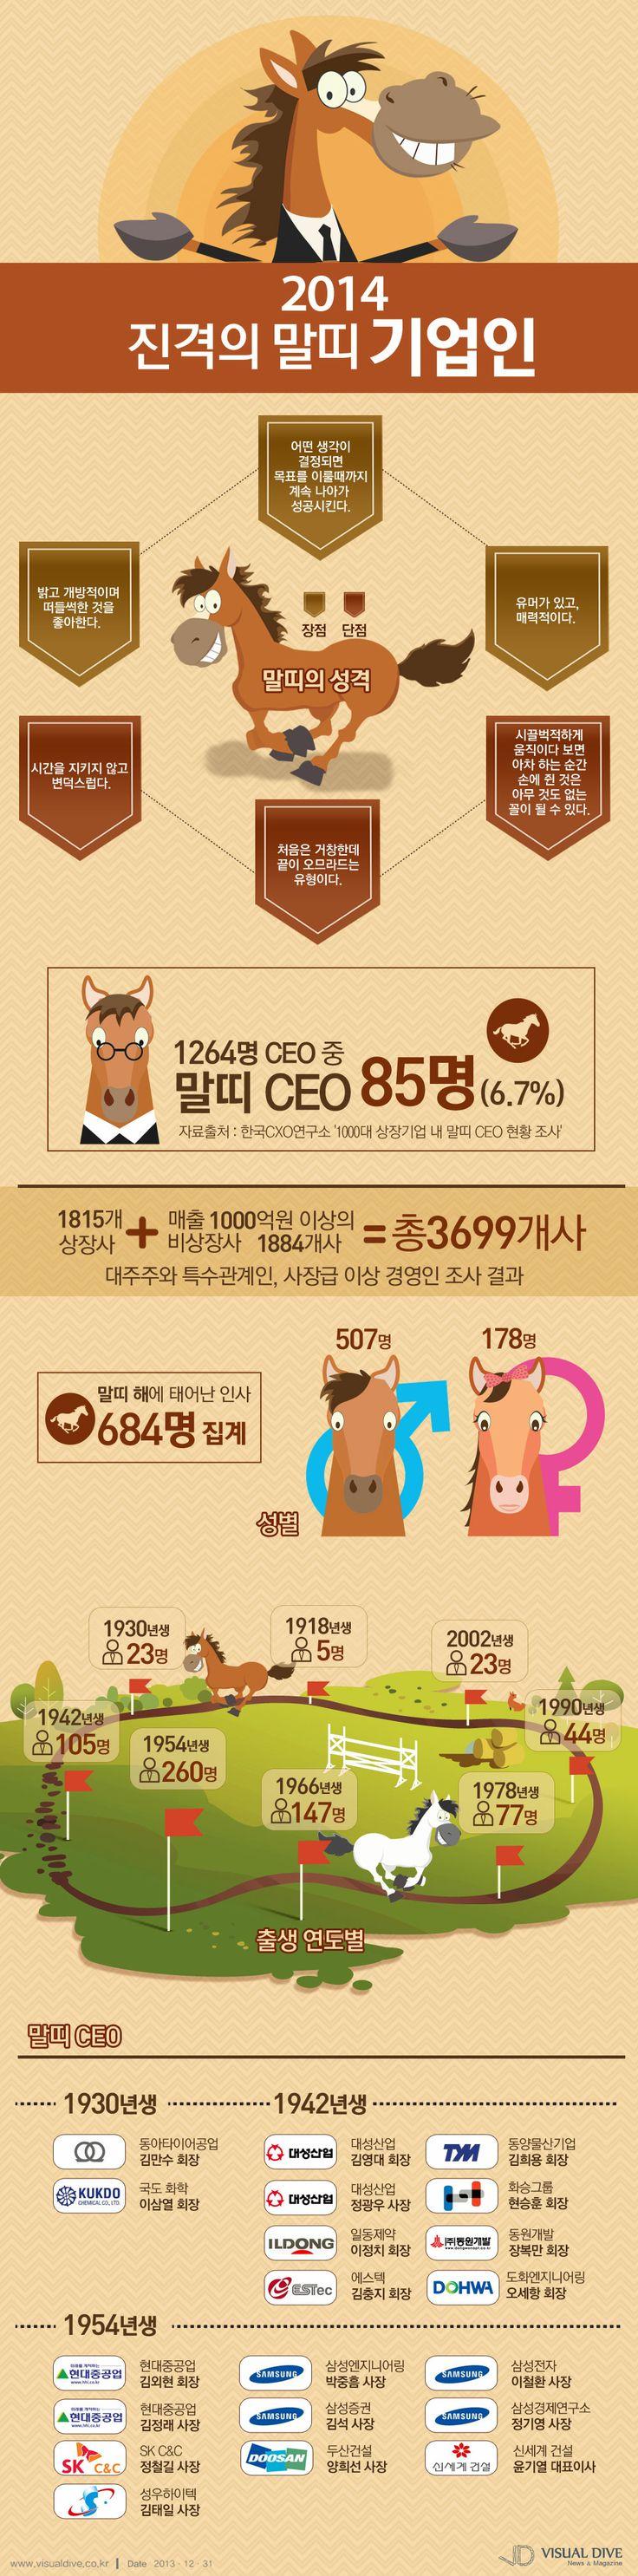 [인포그래픽] '말띠'의 해, 2014년 승승장구할 CEO #CEO / #Infographic ⓒ 비주얼다이브 무단 복사·전재·재배포 금지 비쥬얼 다이브 인포그래픽 점점 귀여워지네요ㅎㅎㅎ